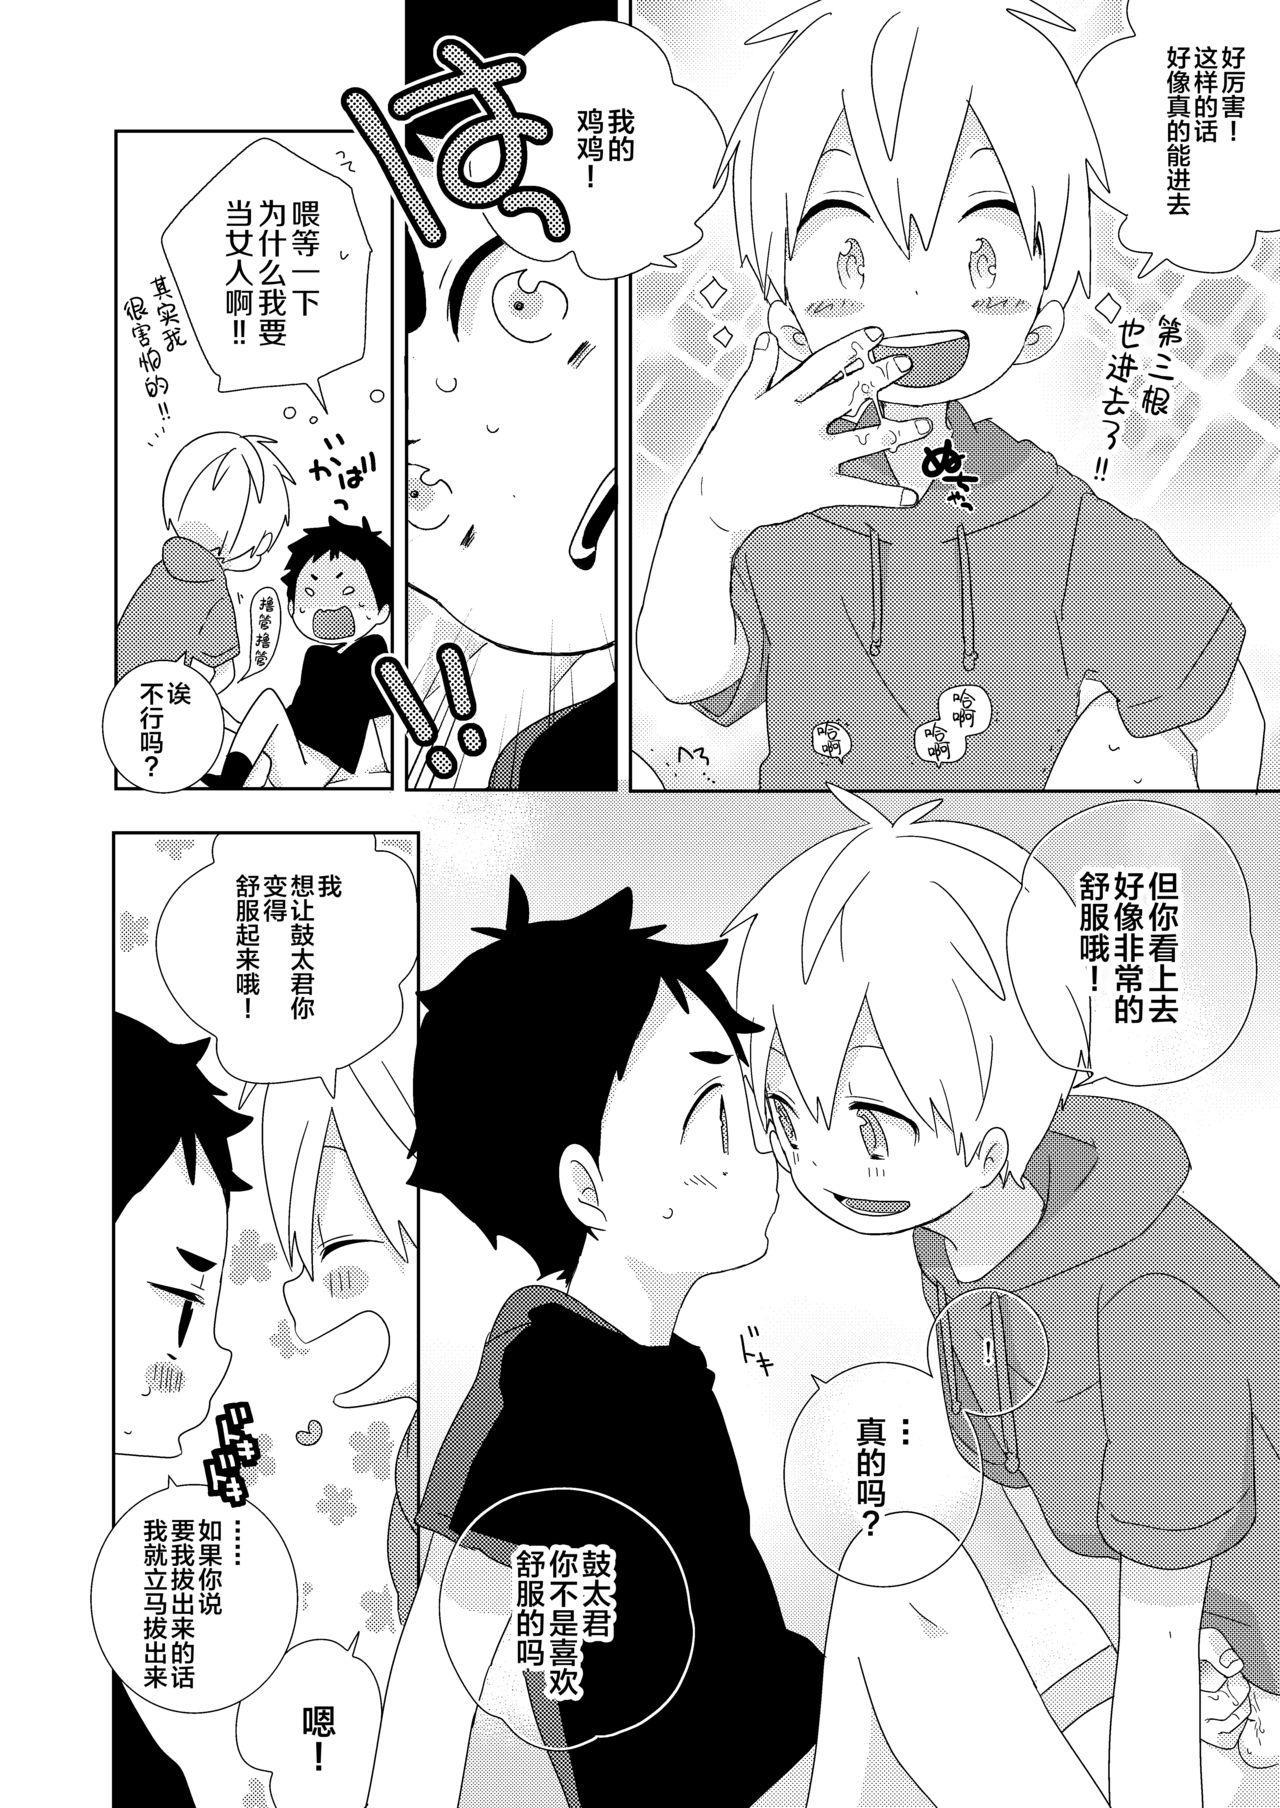 Kota-kun Ecchi Shiyo! 4